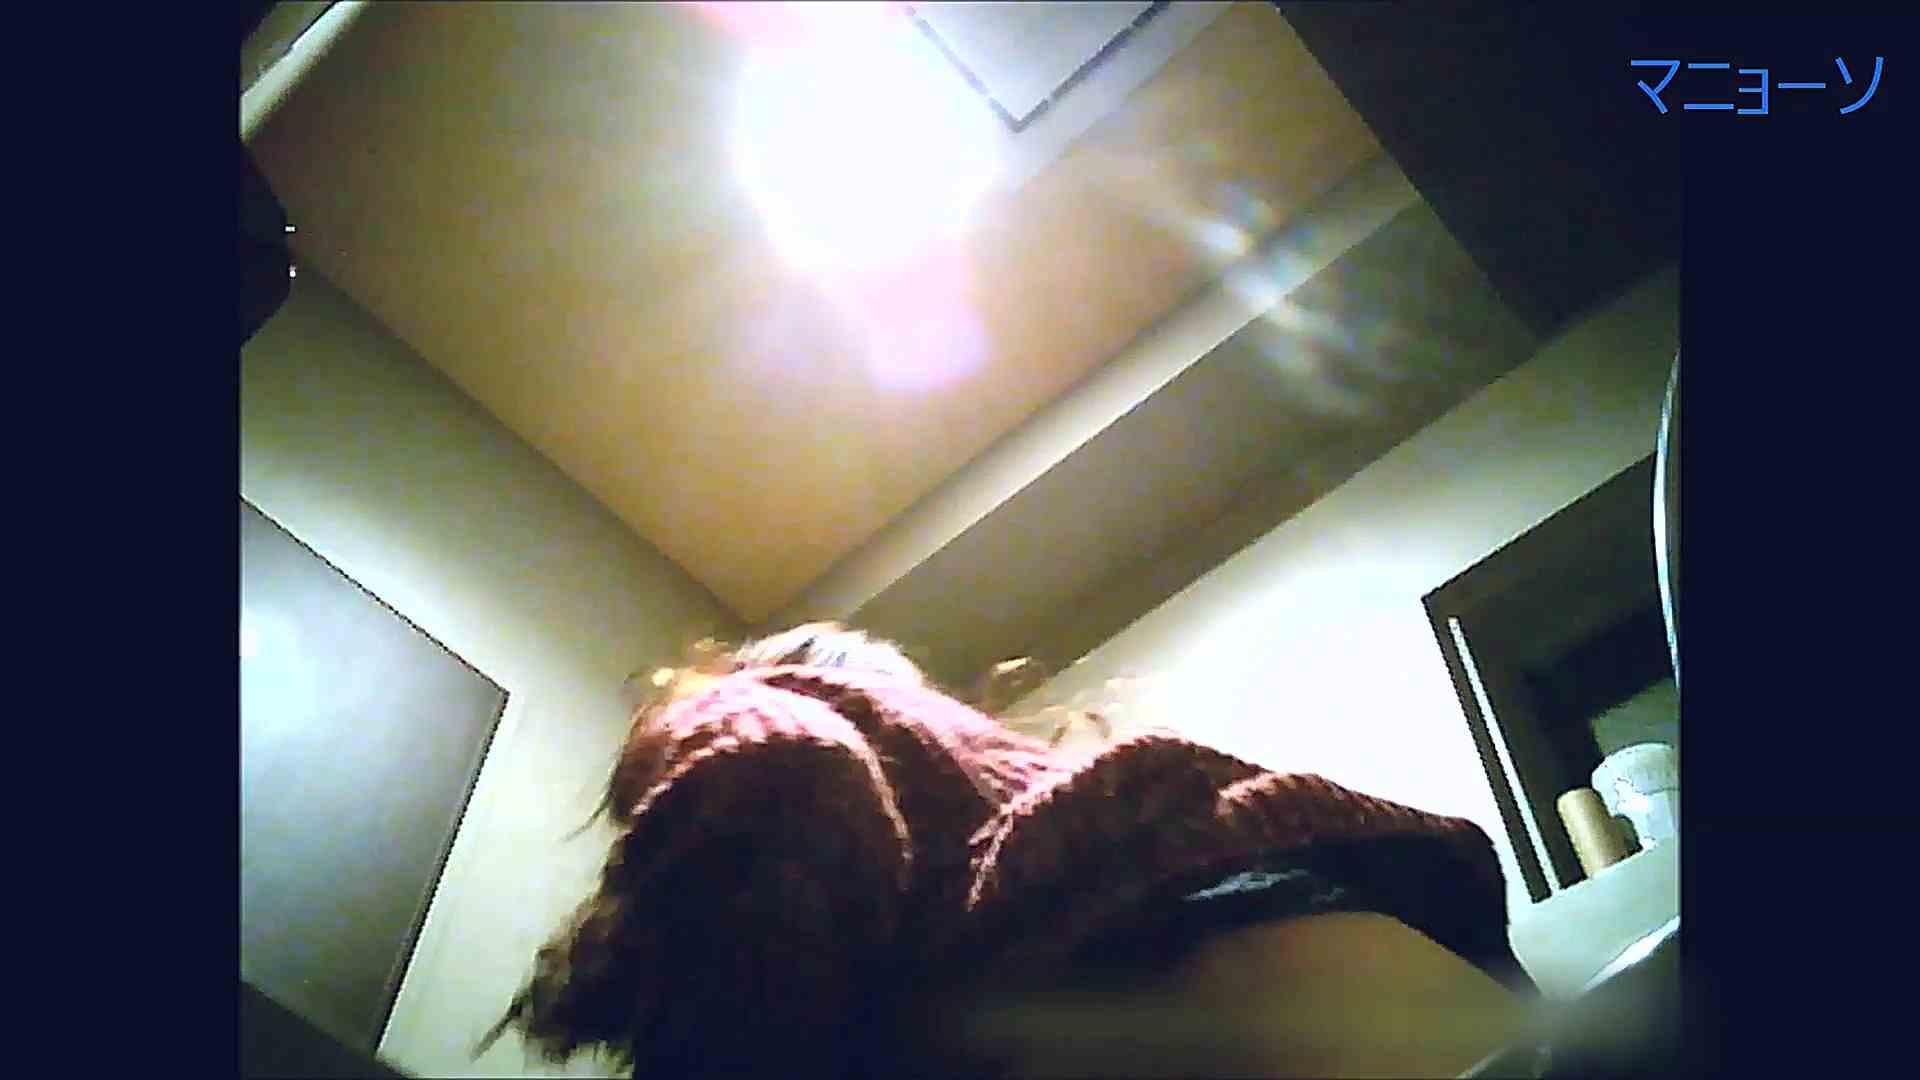 トイレでひと肌脱いでもらいました (OL編)Vol.13 OLのボディ | トイレの実態  87PIX 73